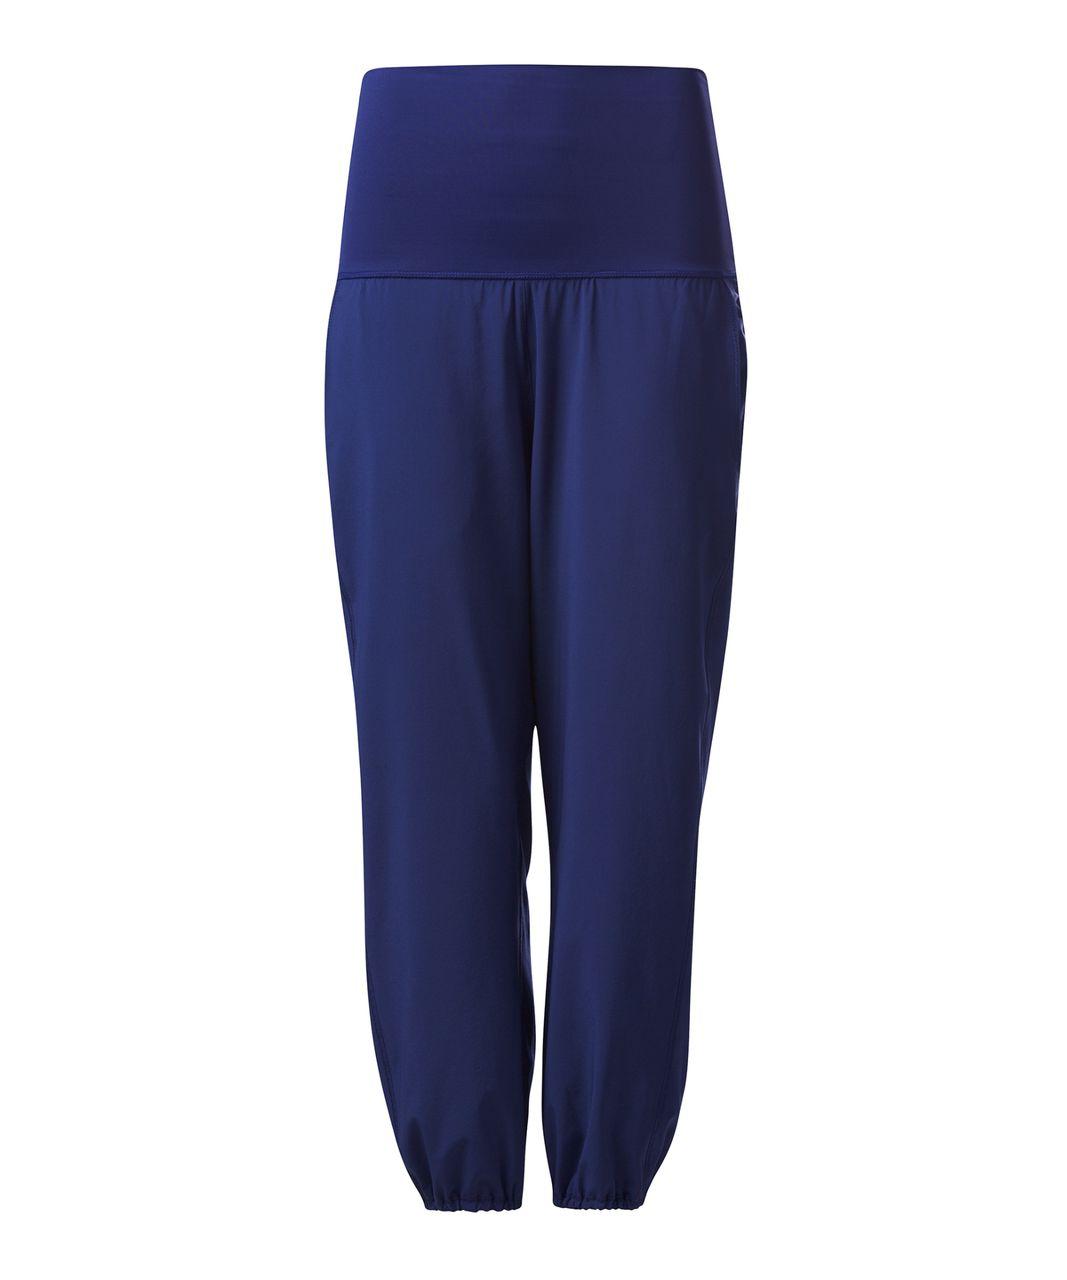 Lululemon Om Pant - Hero Blue